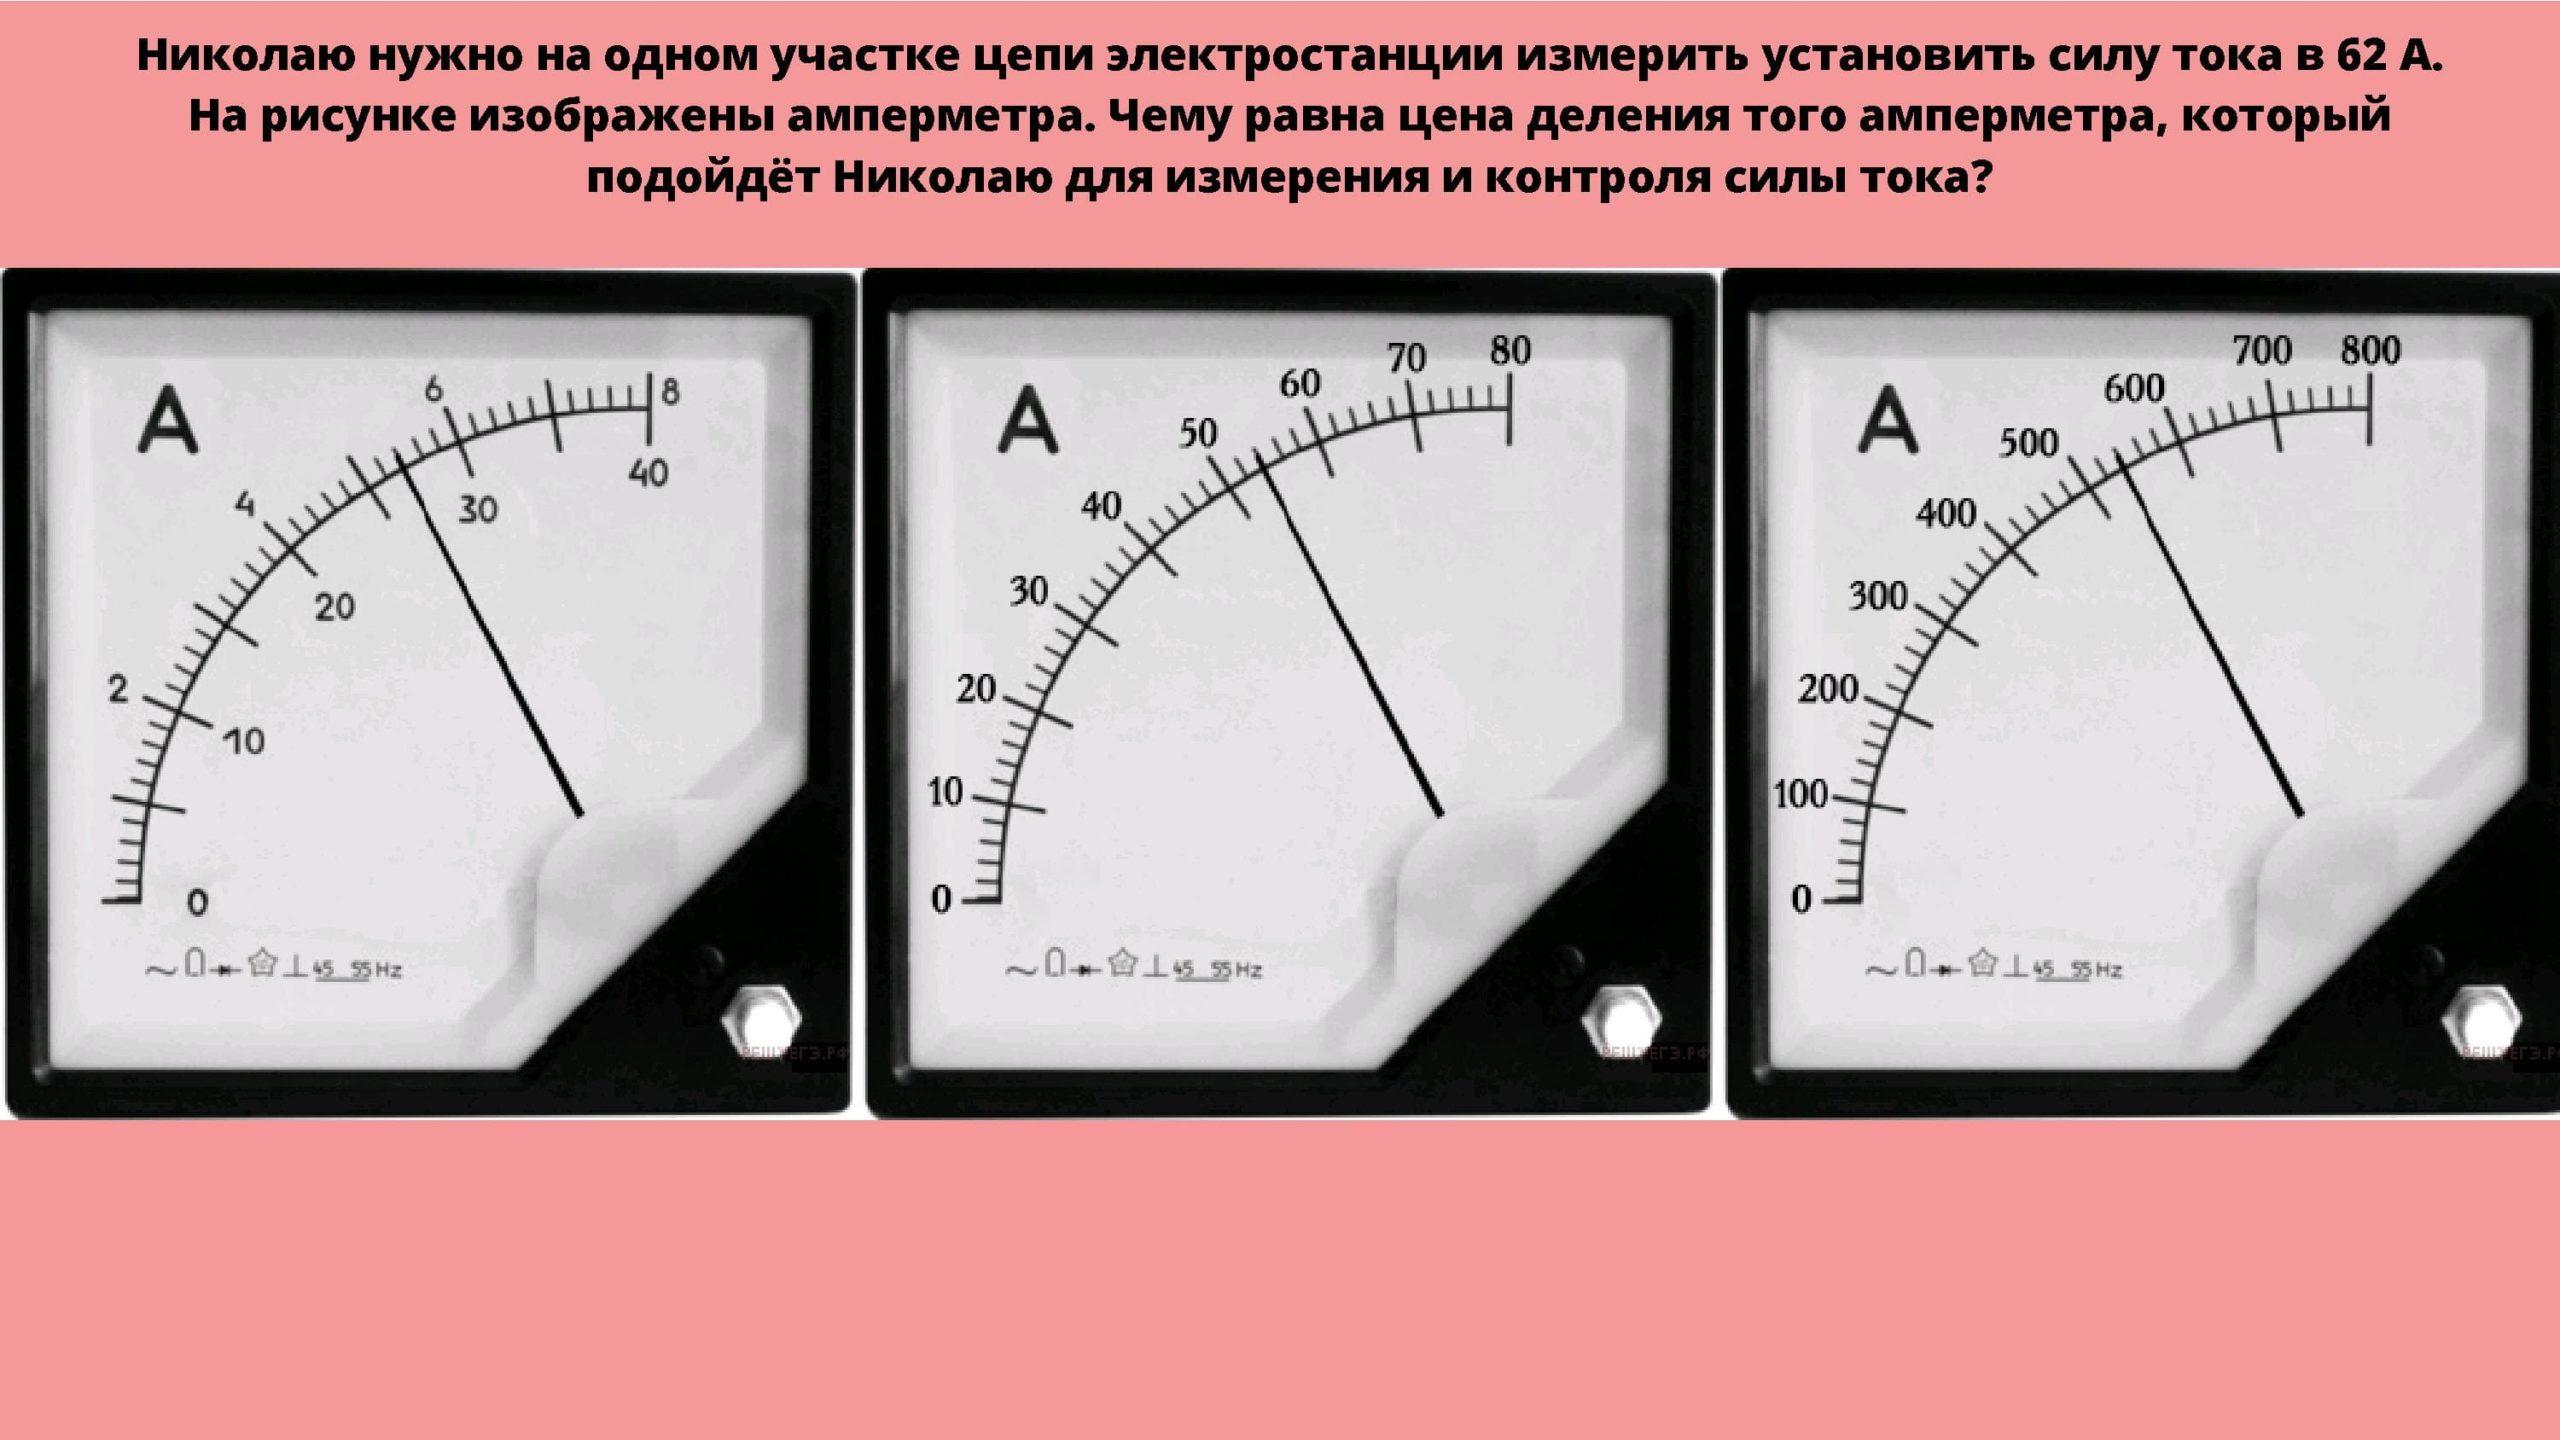 Николаю нужно на одном участке цепи электростанции измерить